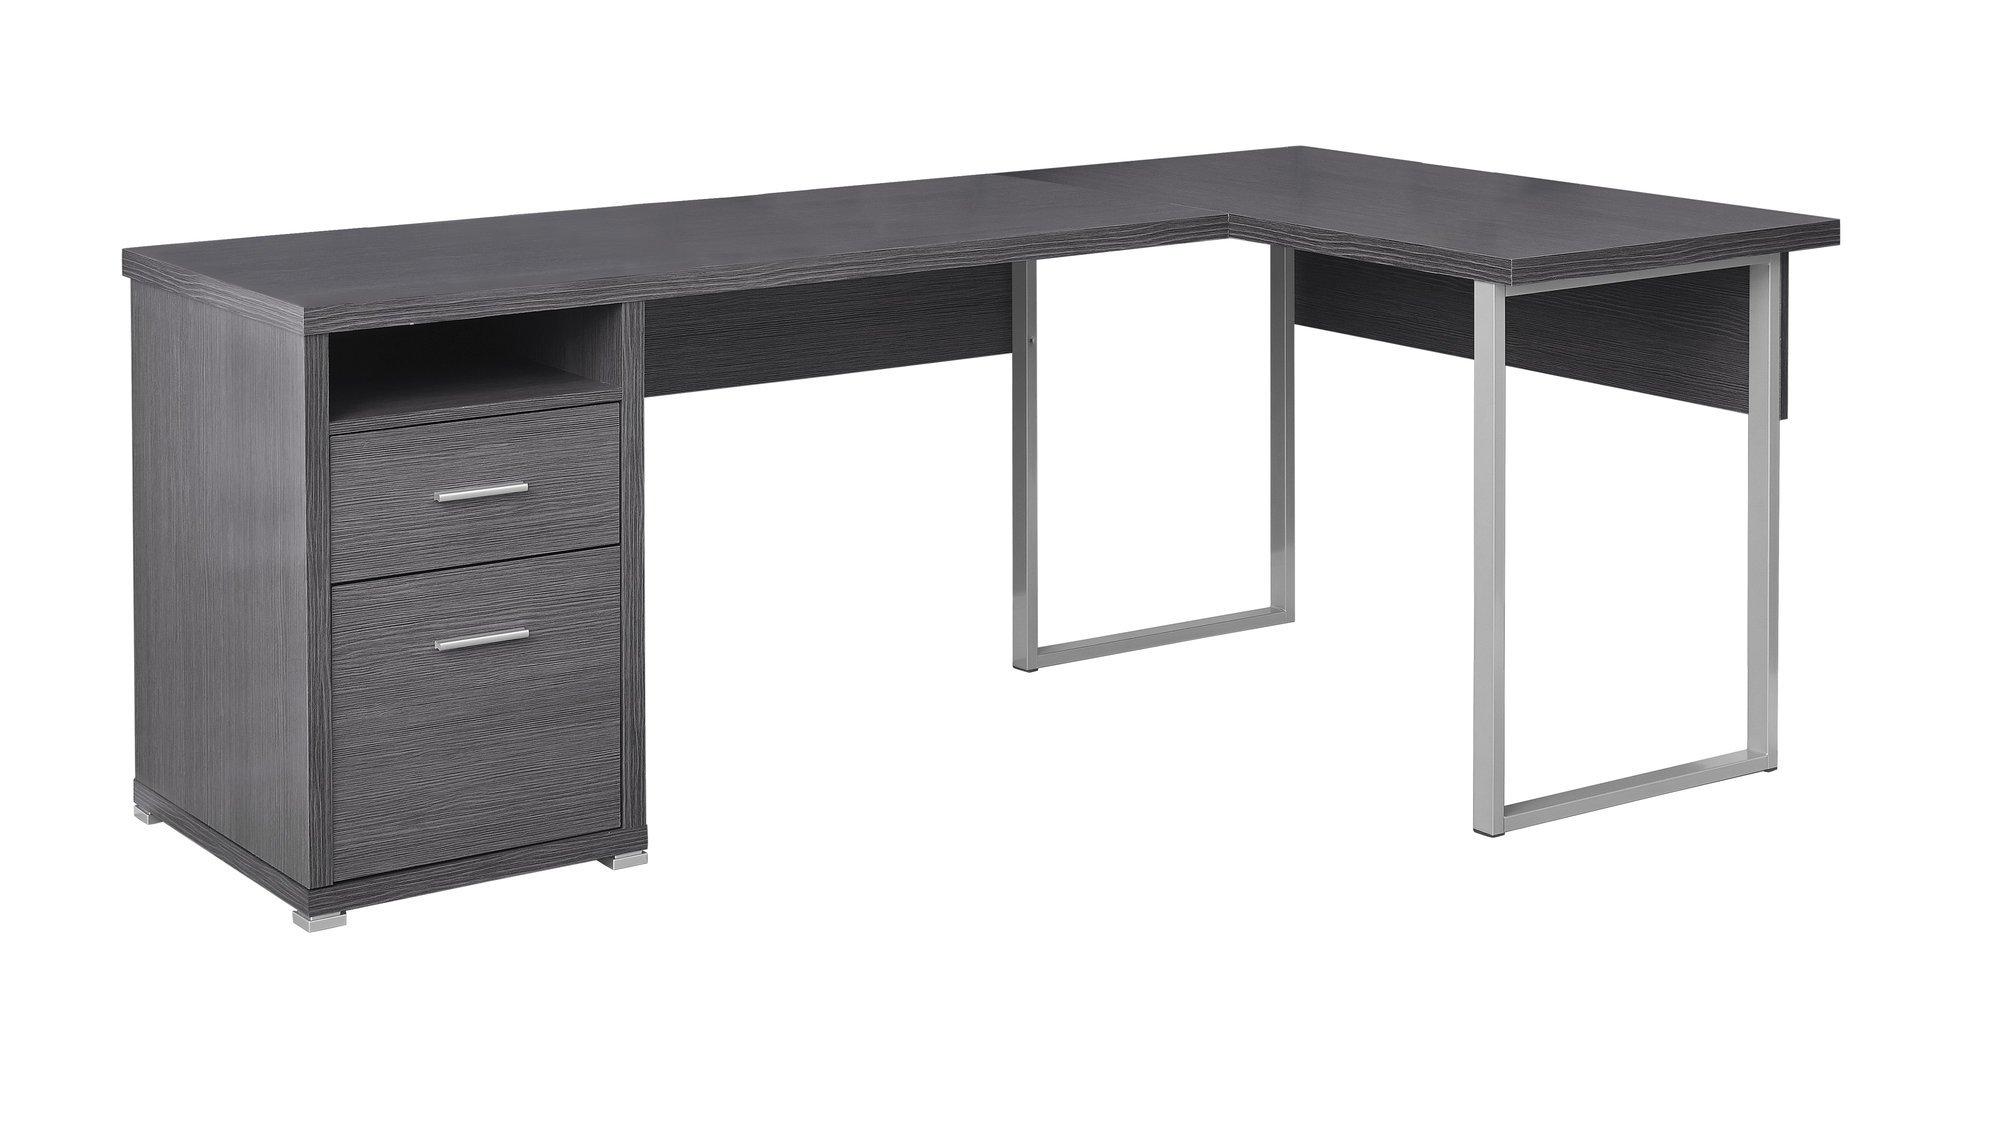 79 L Shaped Grey Corner Office Desk W Flexible Position In 2020